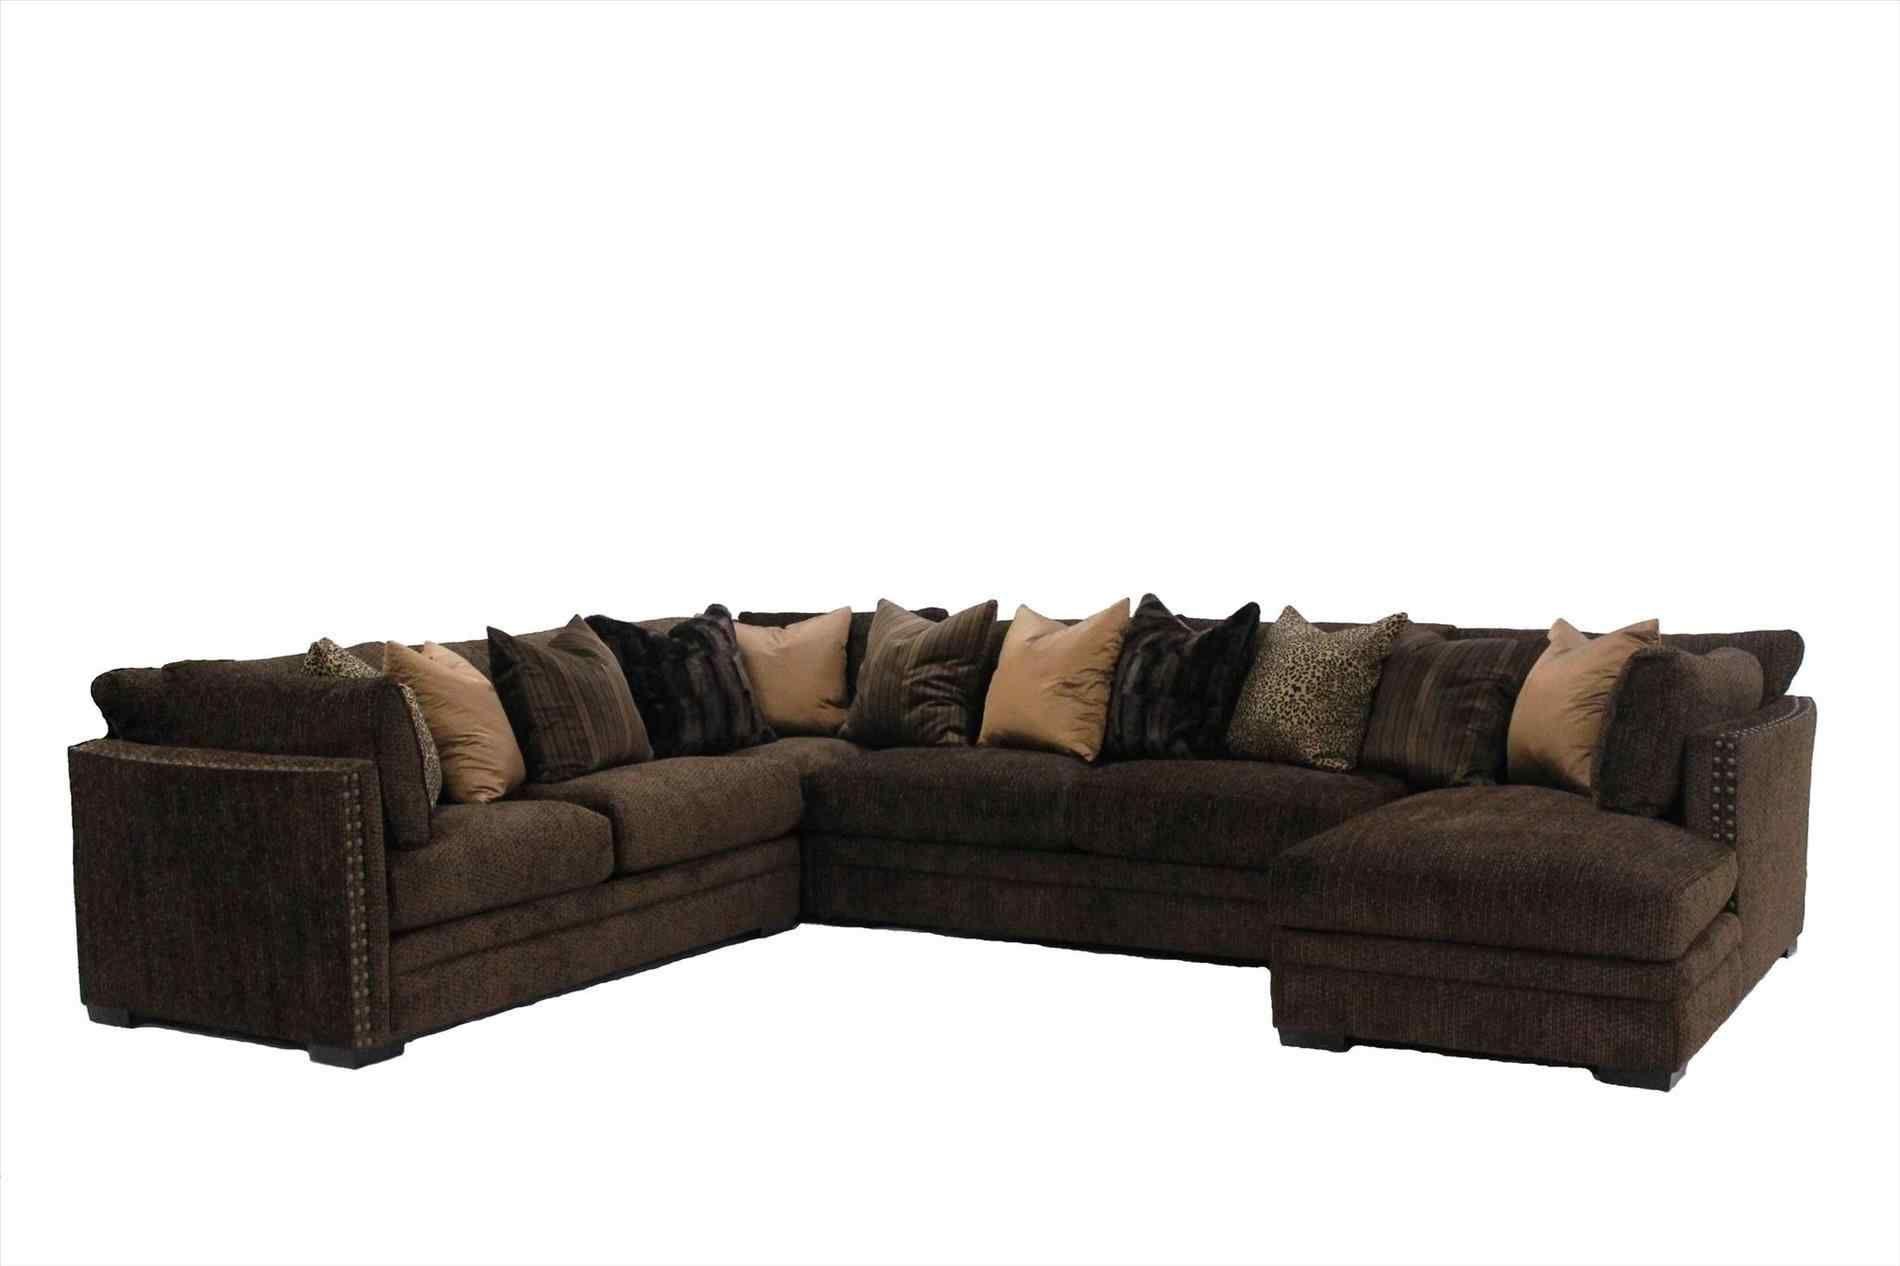 Ikea Sofa Bed sofa with additional home home sectional sofas san antonio tx sa furniture of texas sa sectional